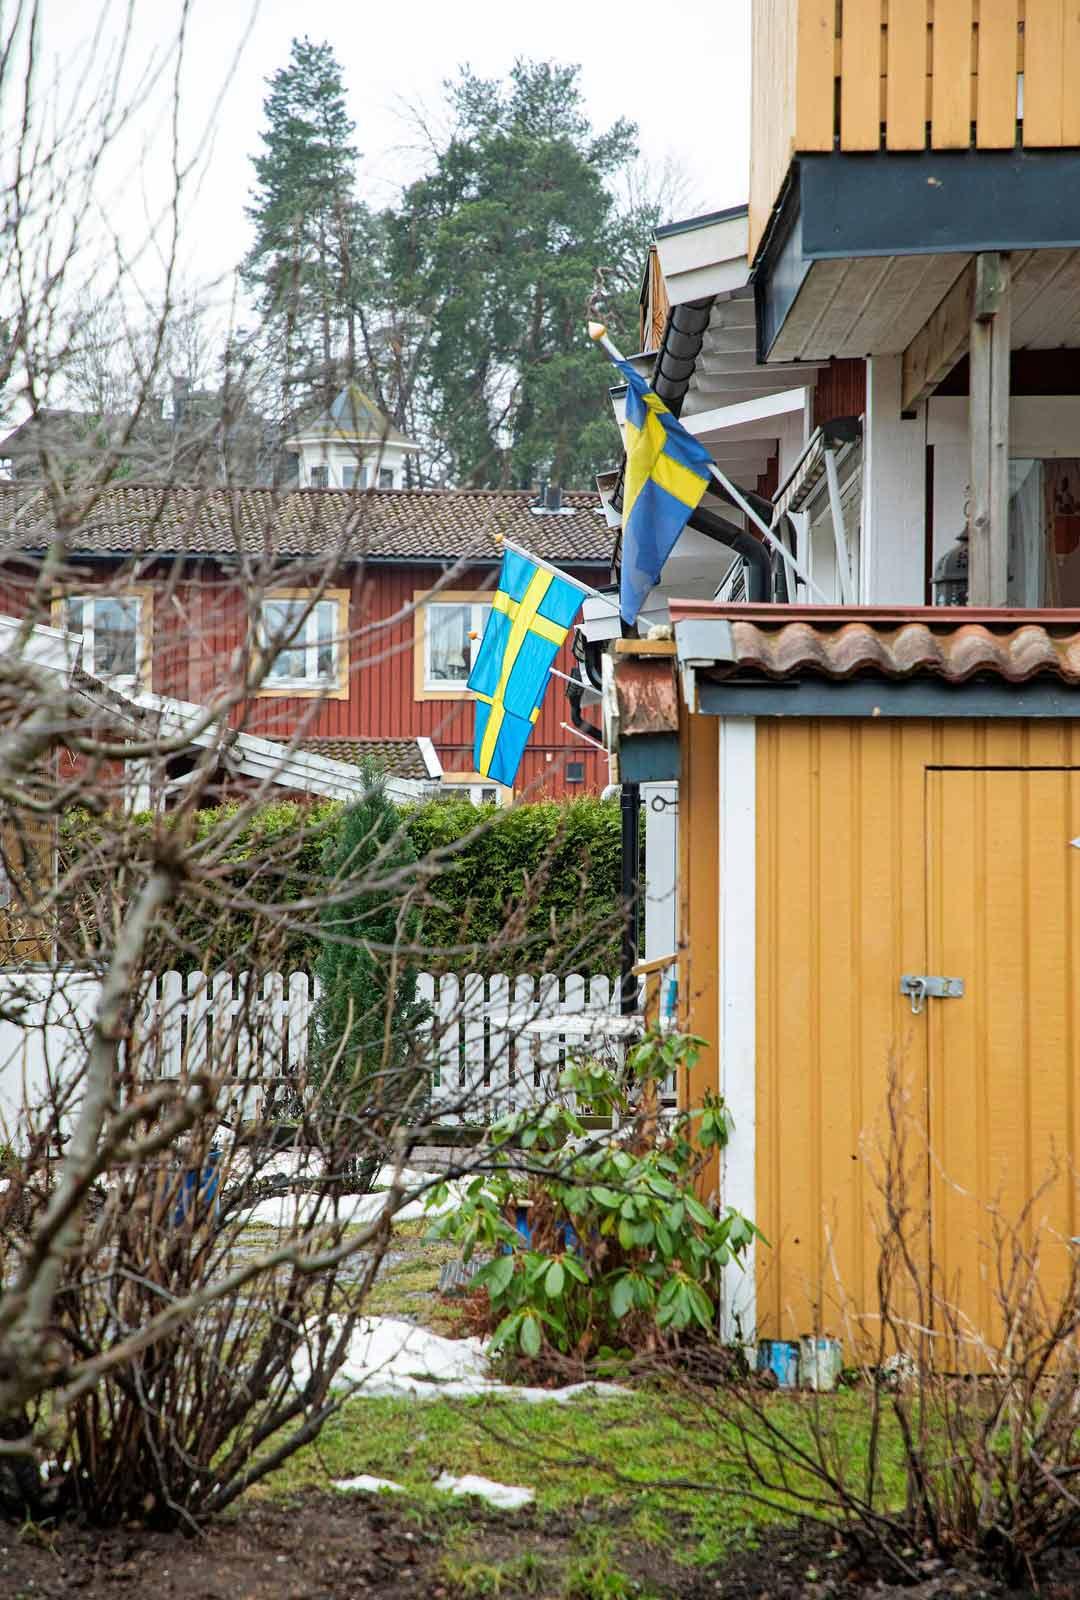 Maaliskuussa 2021 koronavirukseen liittyviä kuolemia oli Suomessa yhteensä 800. Ruotsissa vastaava luku on 13200.